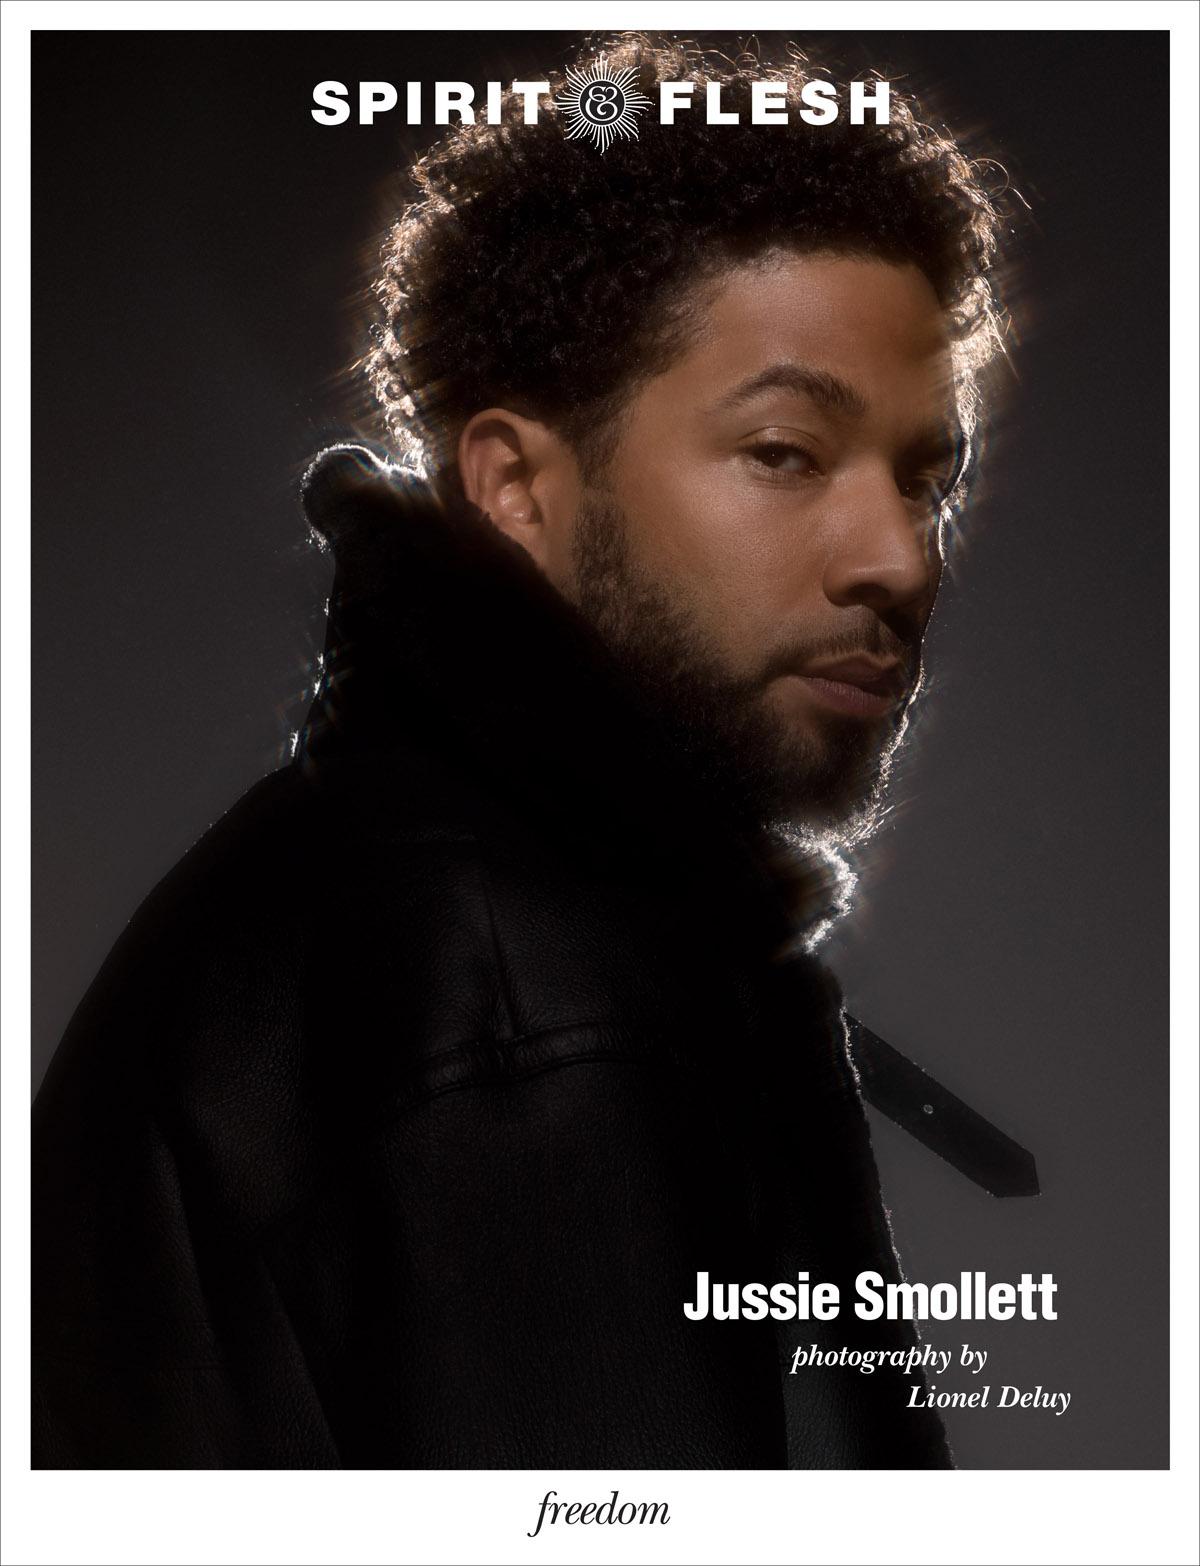 Spirit-&-Flesh-Magazine_Lionel Deluy_Jussie Smollet_